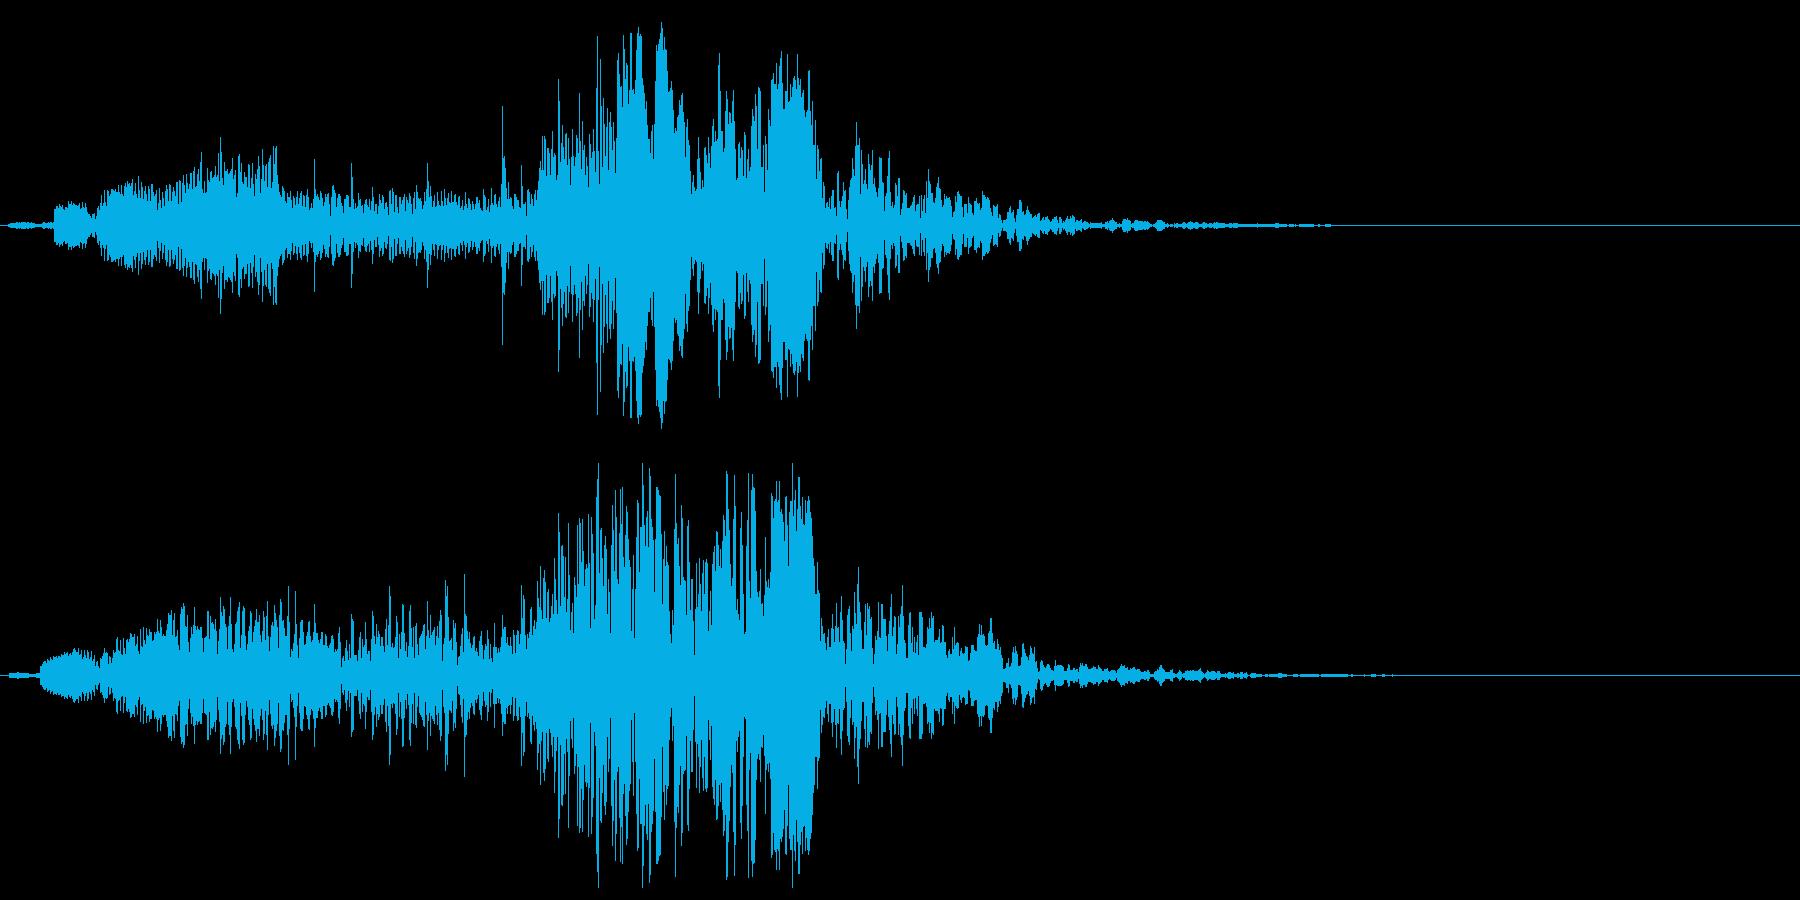 音の変化を楽しめるスペース音の再生済みの波形